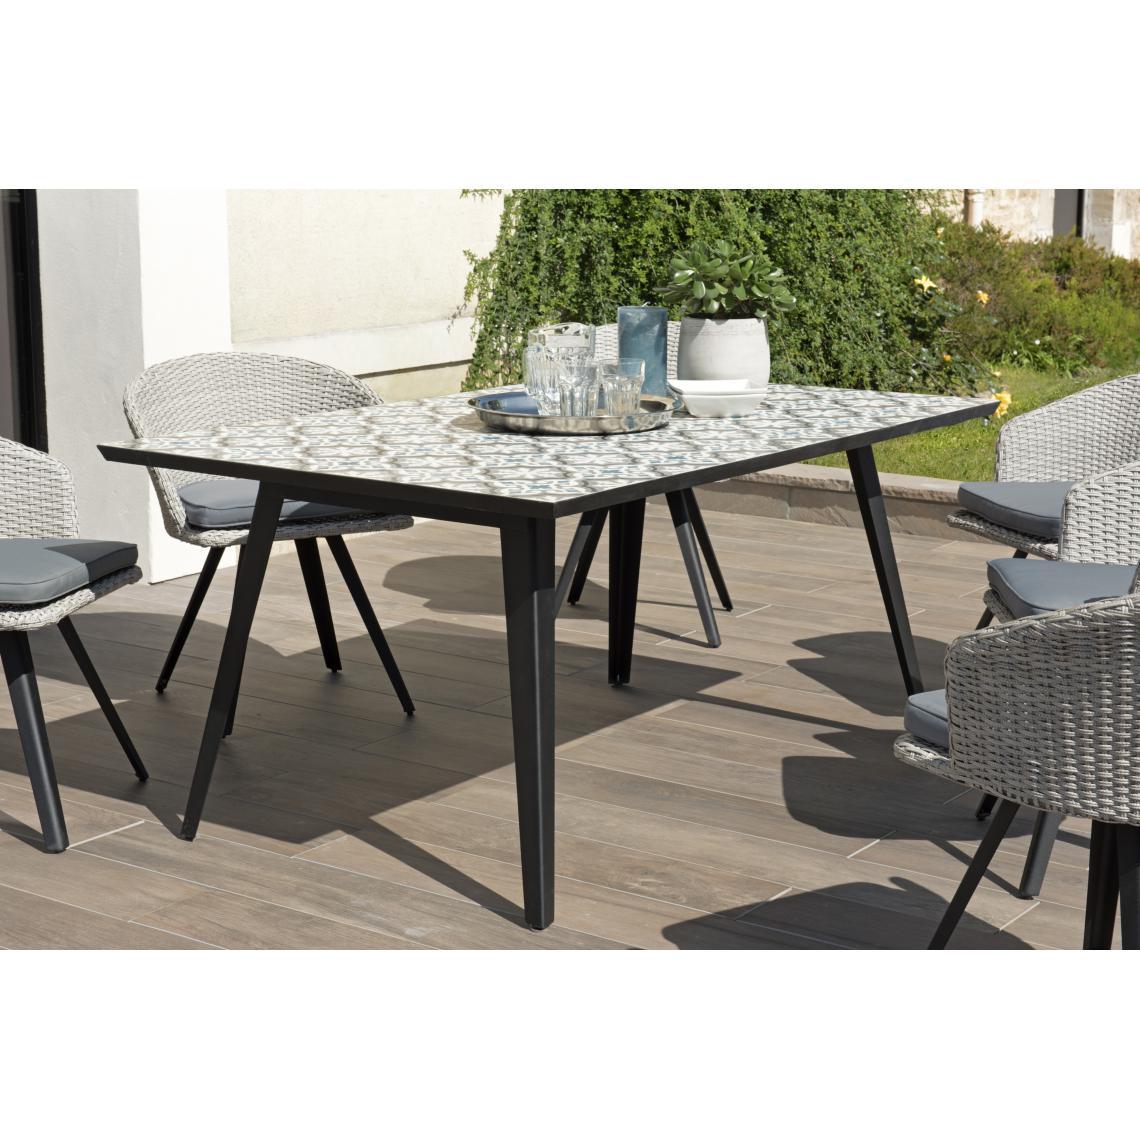 Salon De Jardin Carreau De Ciment table rectangulaire plateau carreaux de ciment 162x102cm